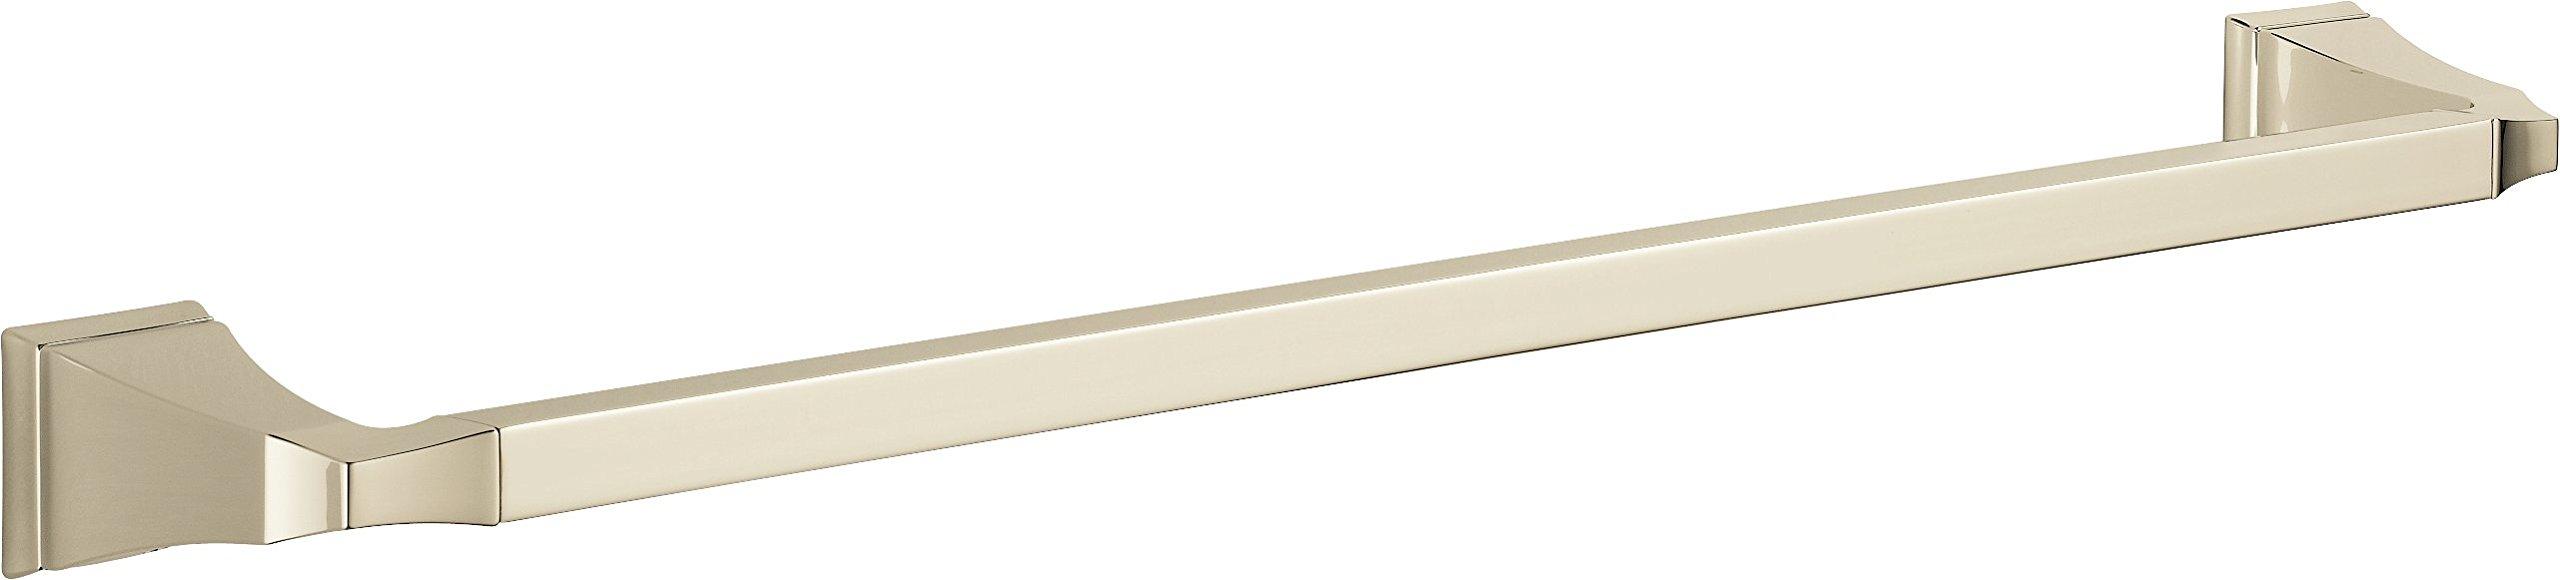 Delta Faucet 75124-PN Dryden Towel Bar, Polished Nickel